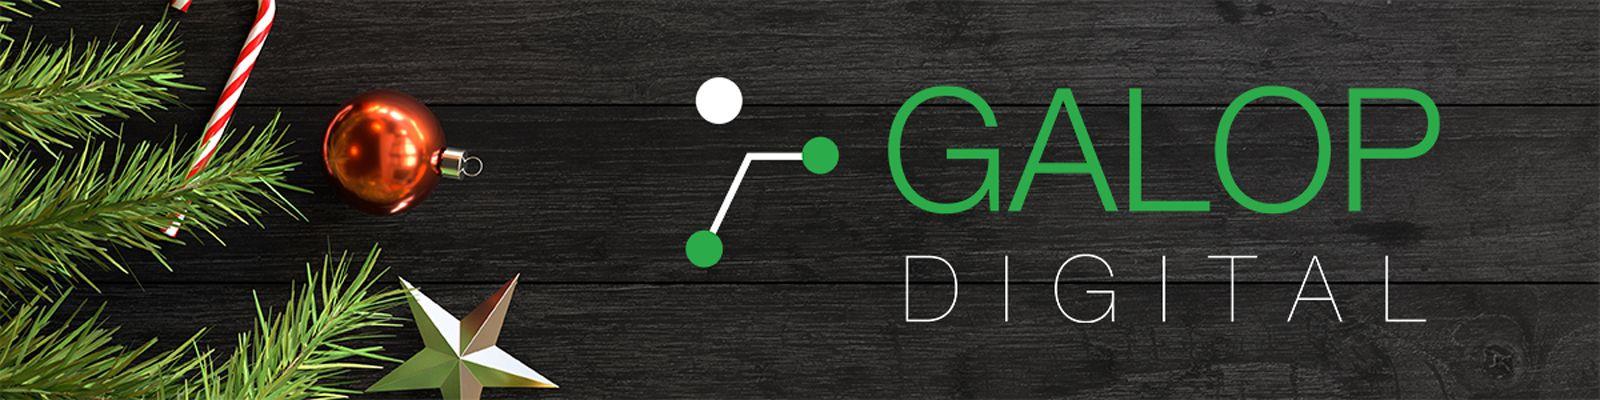 Galop Digital